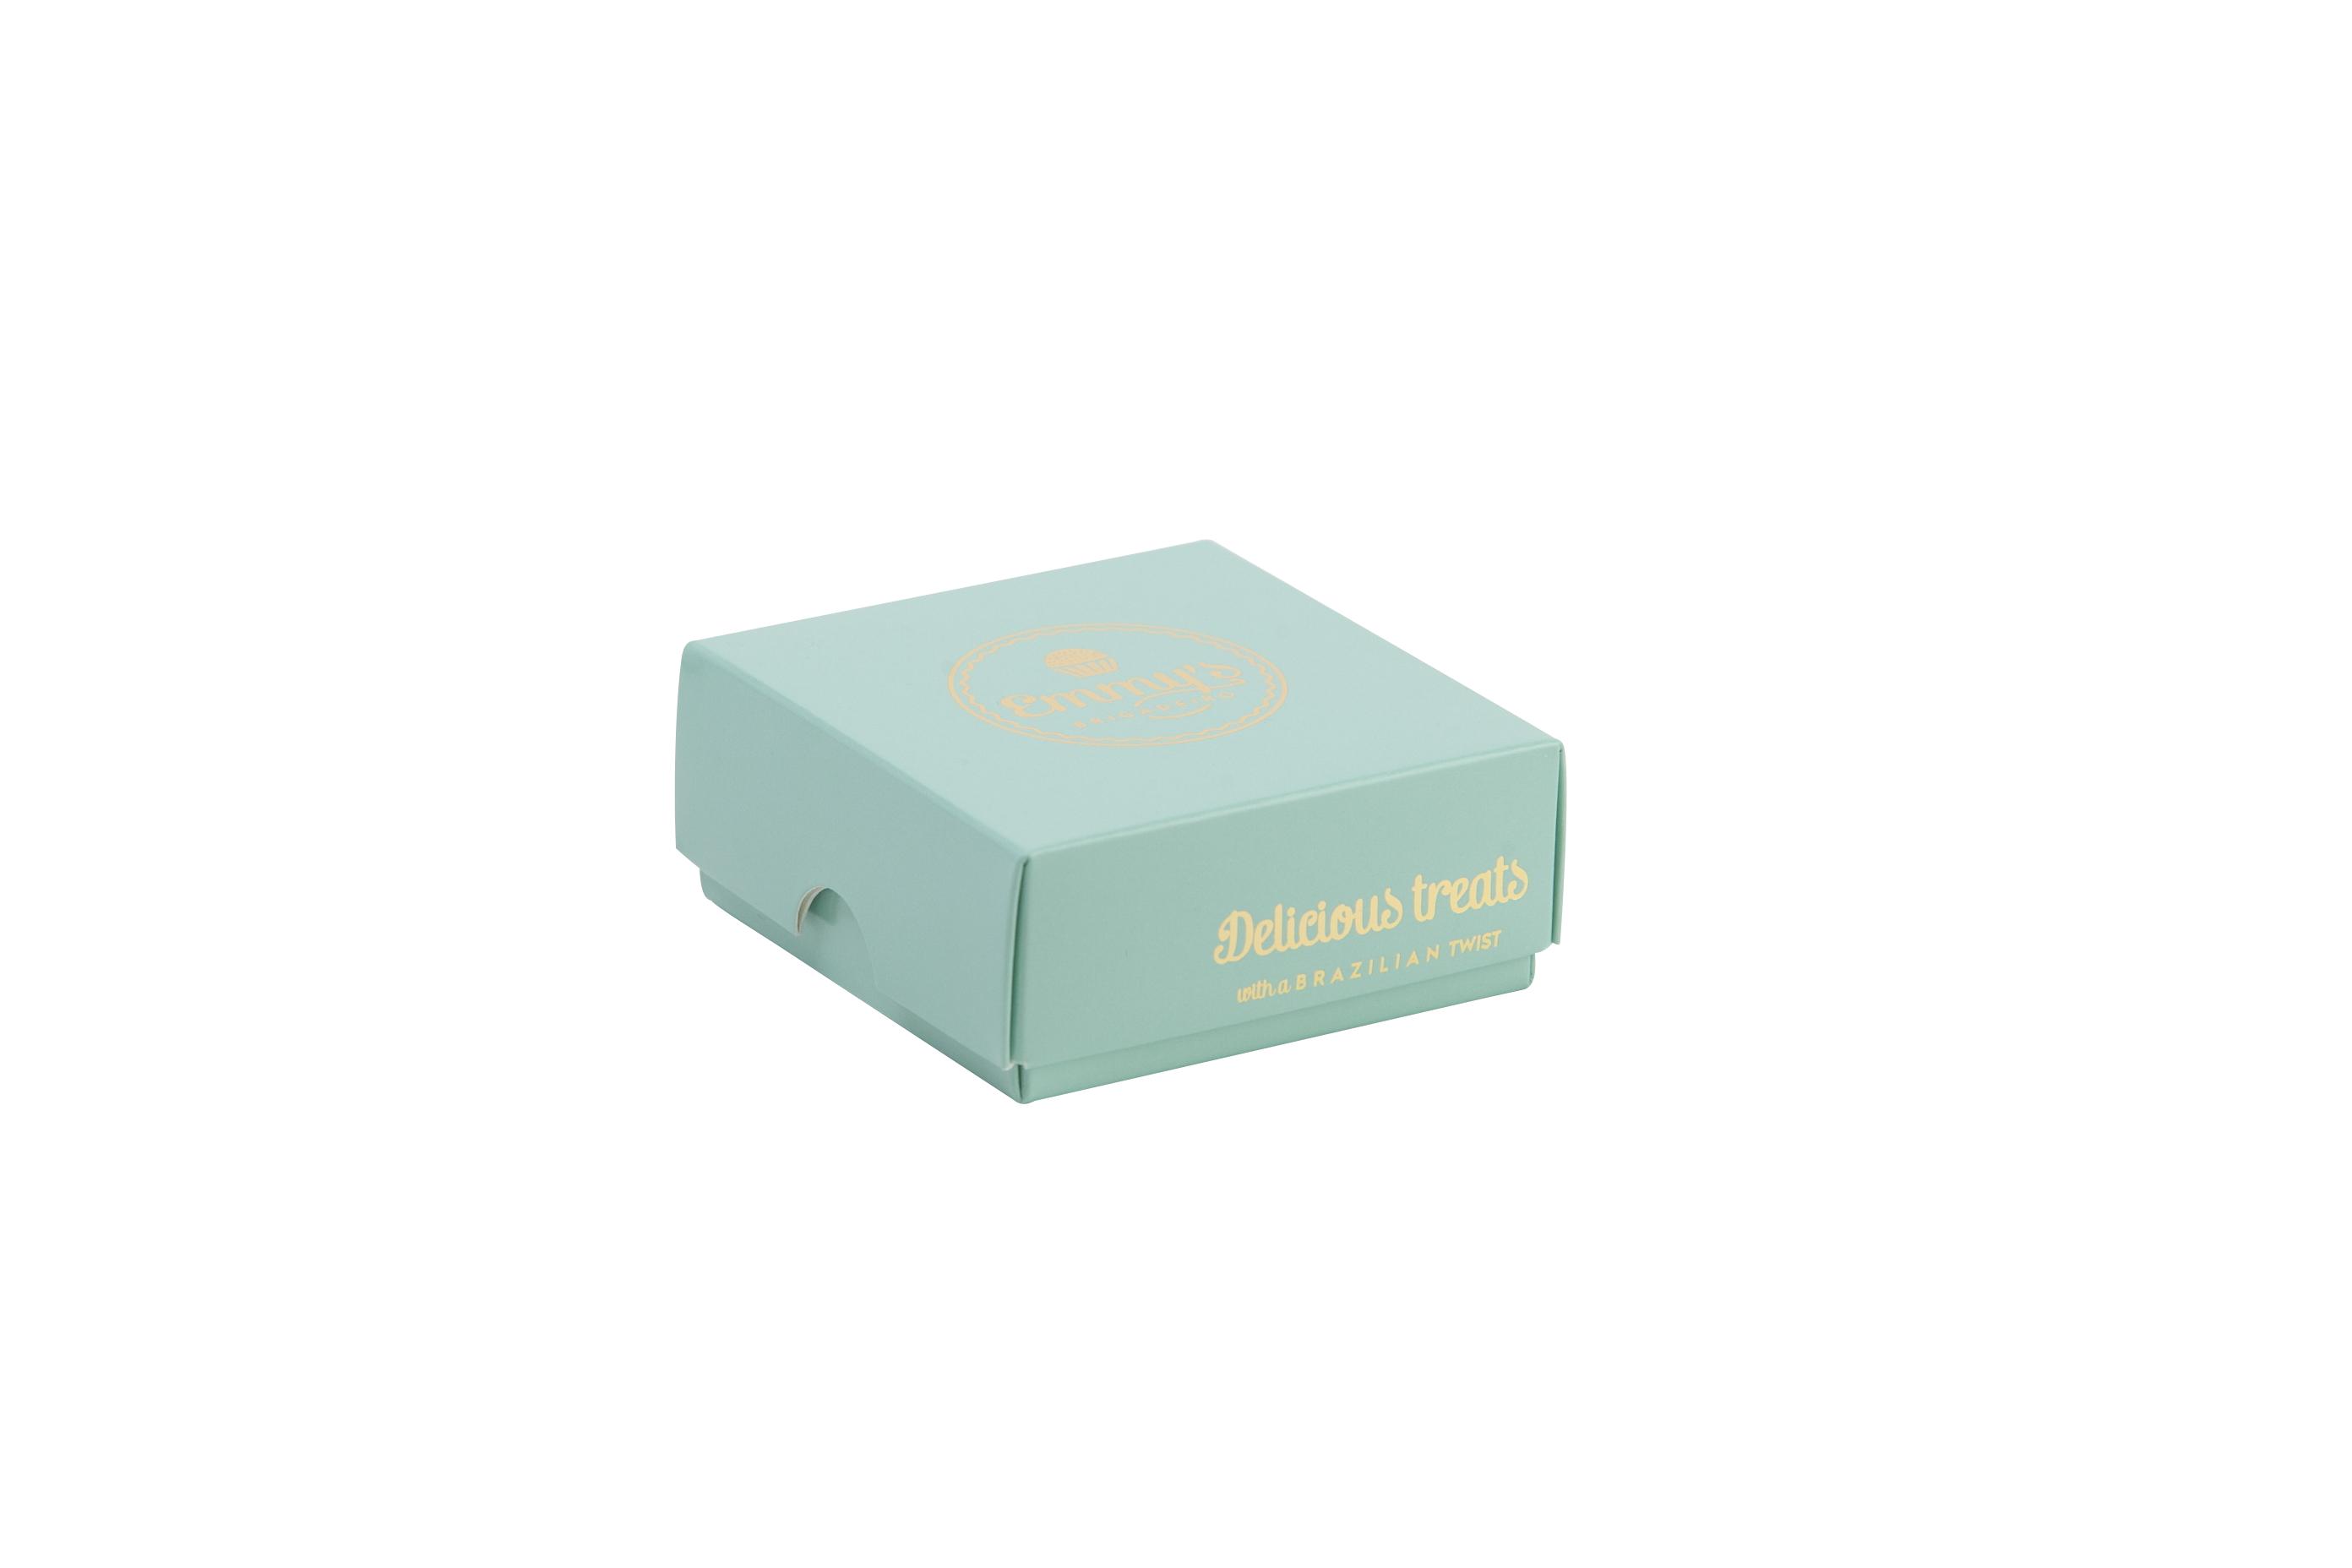 Box of 4 lid